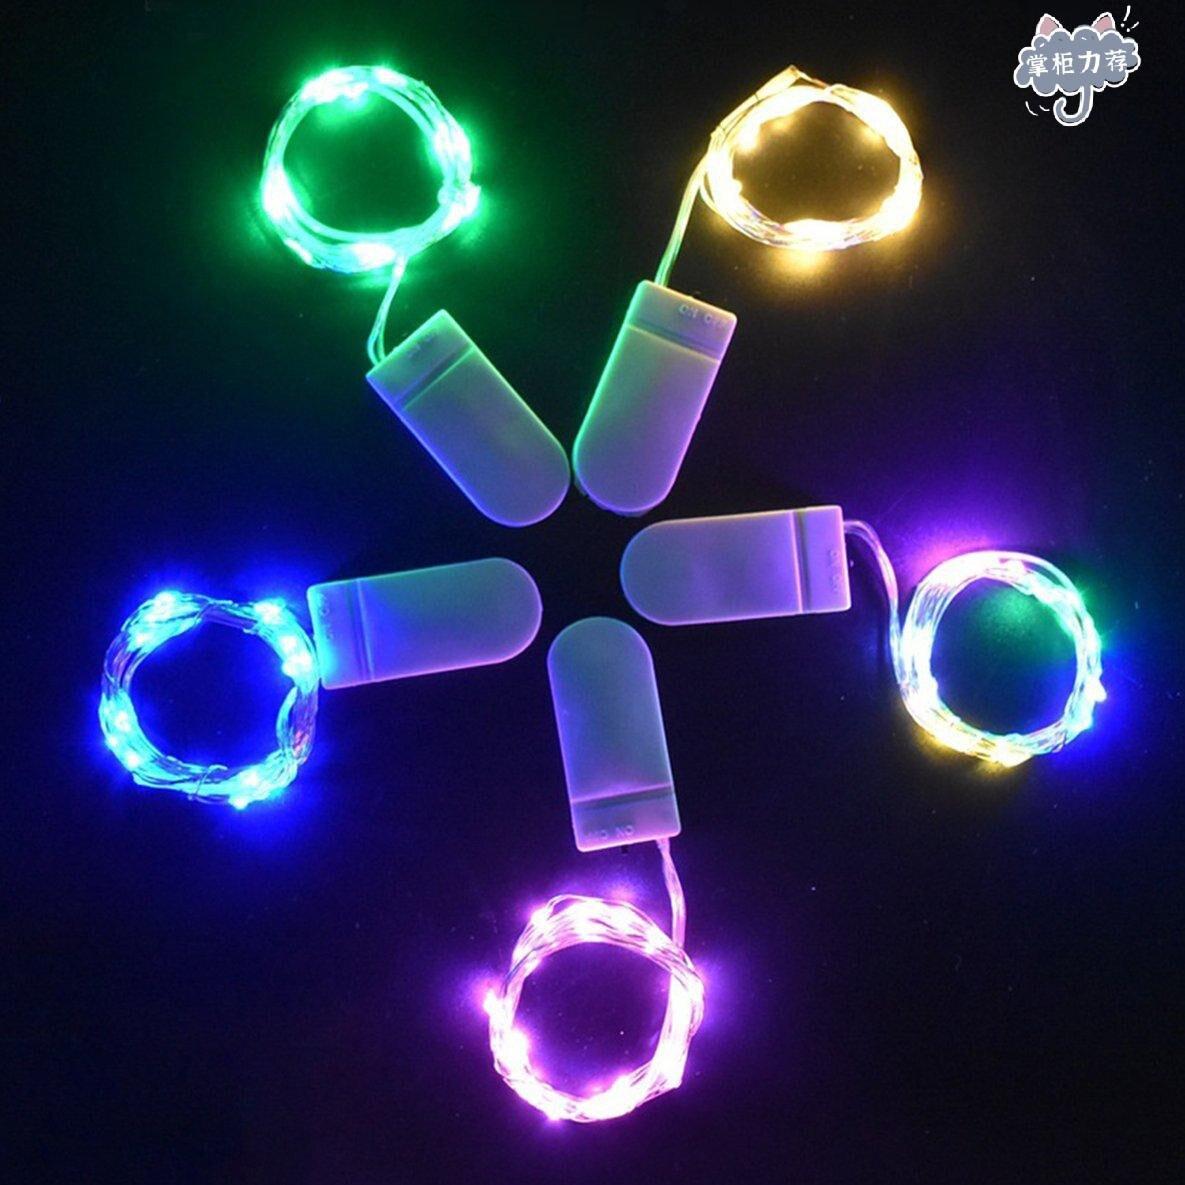 【全館免運】10m/20m防水 銅線燈 LED銅線燈串 紐扣燈串 電池款 聖誕燈串 聖誕節 銅絲燈 Led串燈 銅線10燈